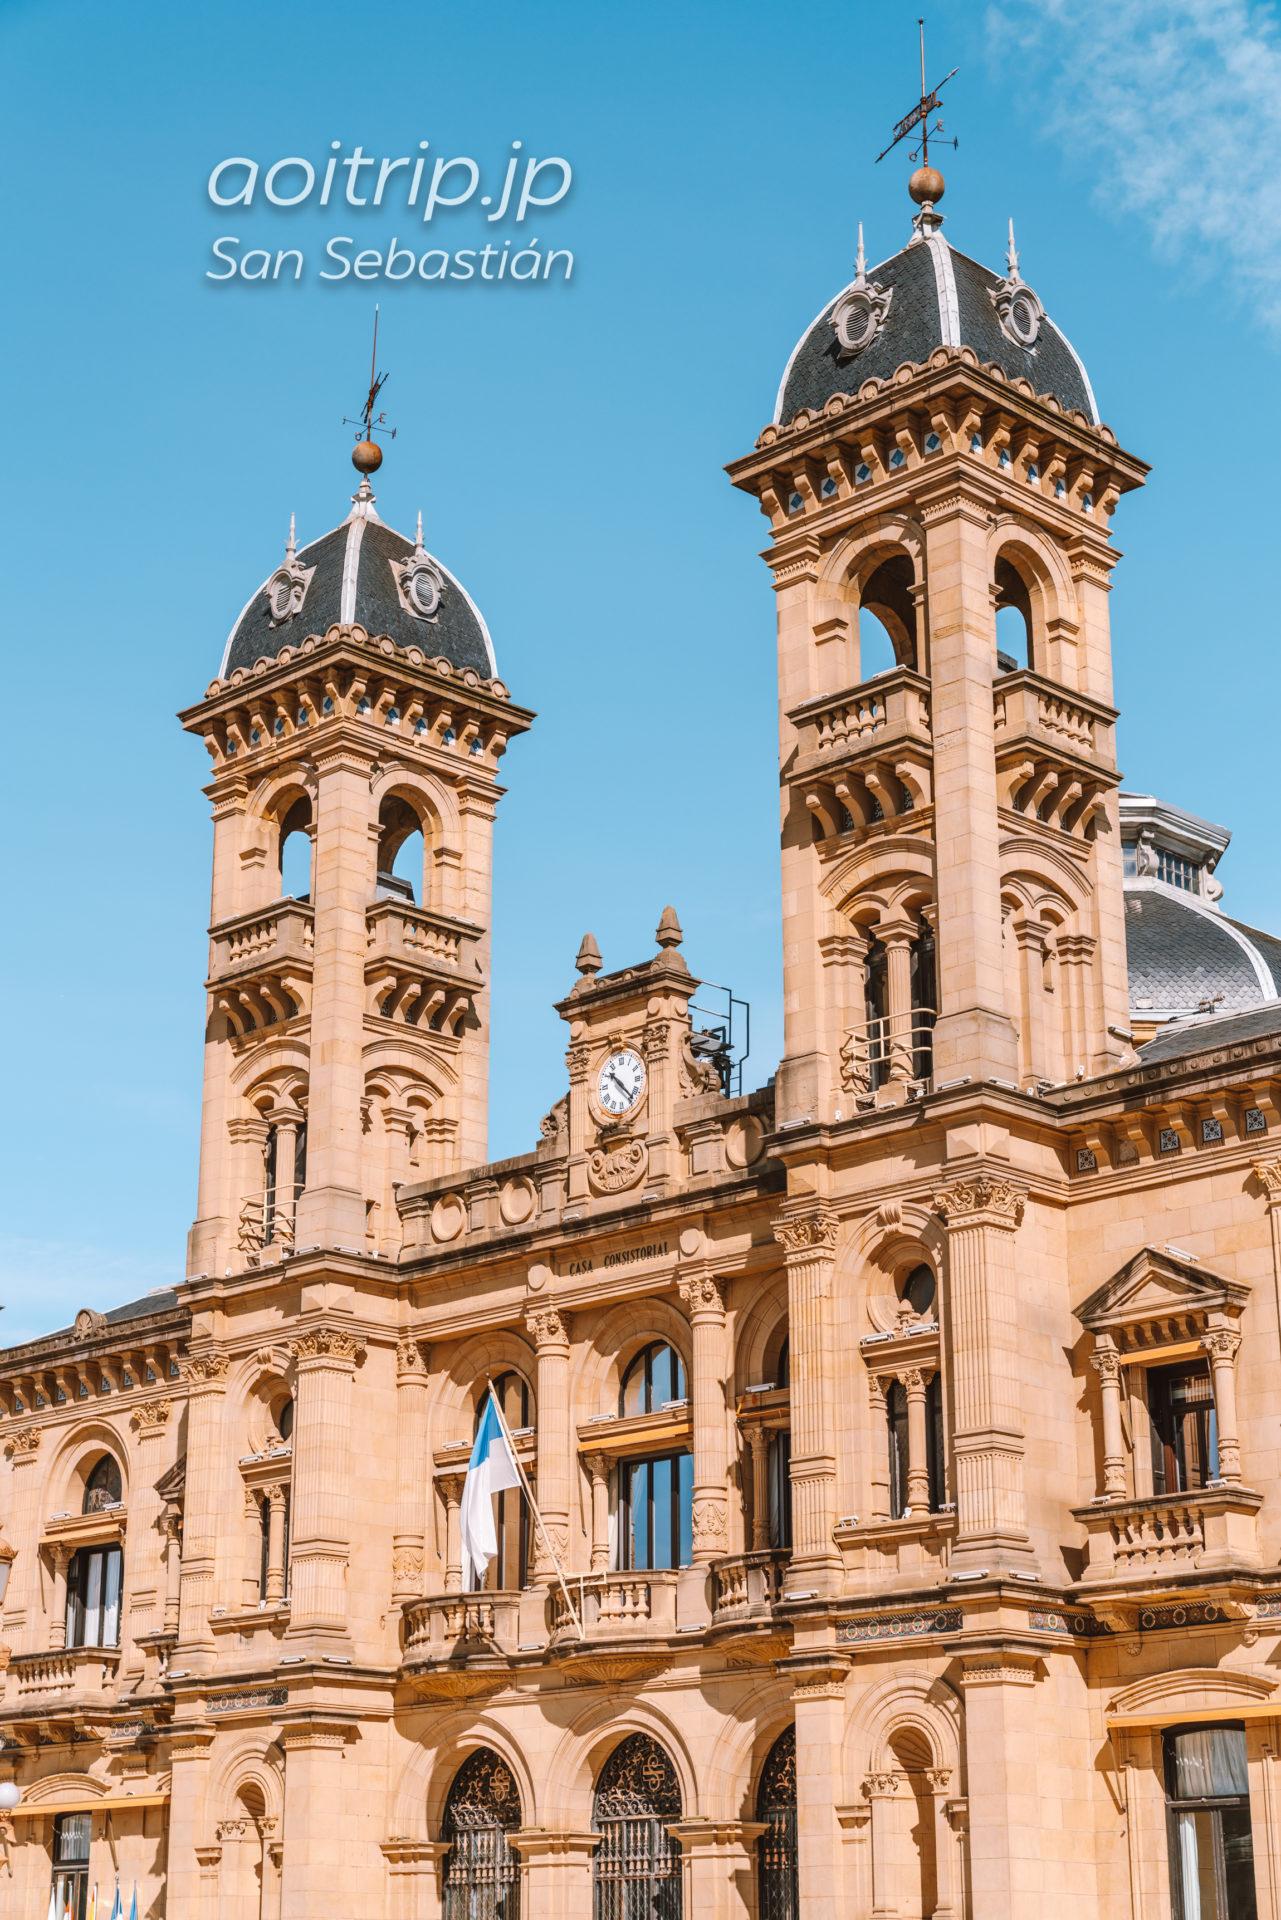 サンセバスティアン市庁舎